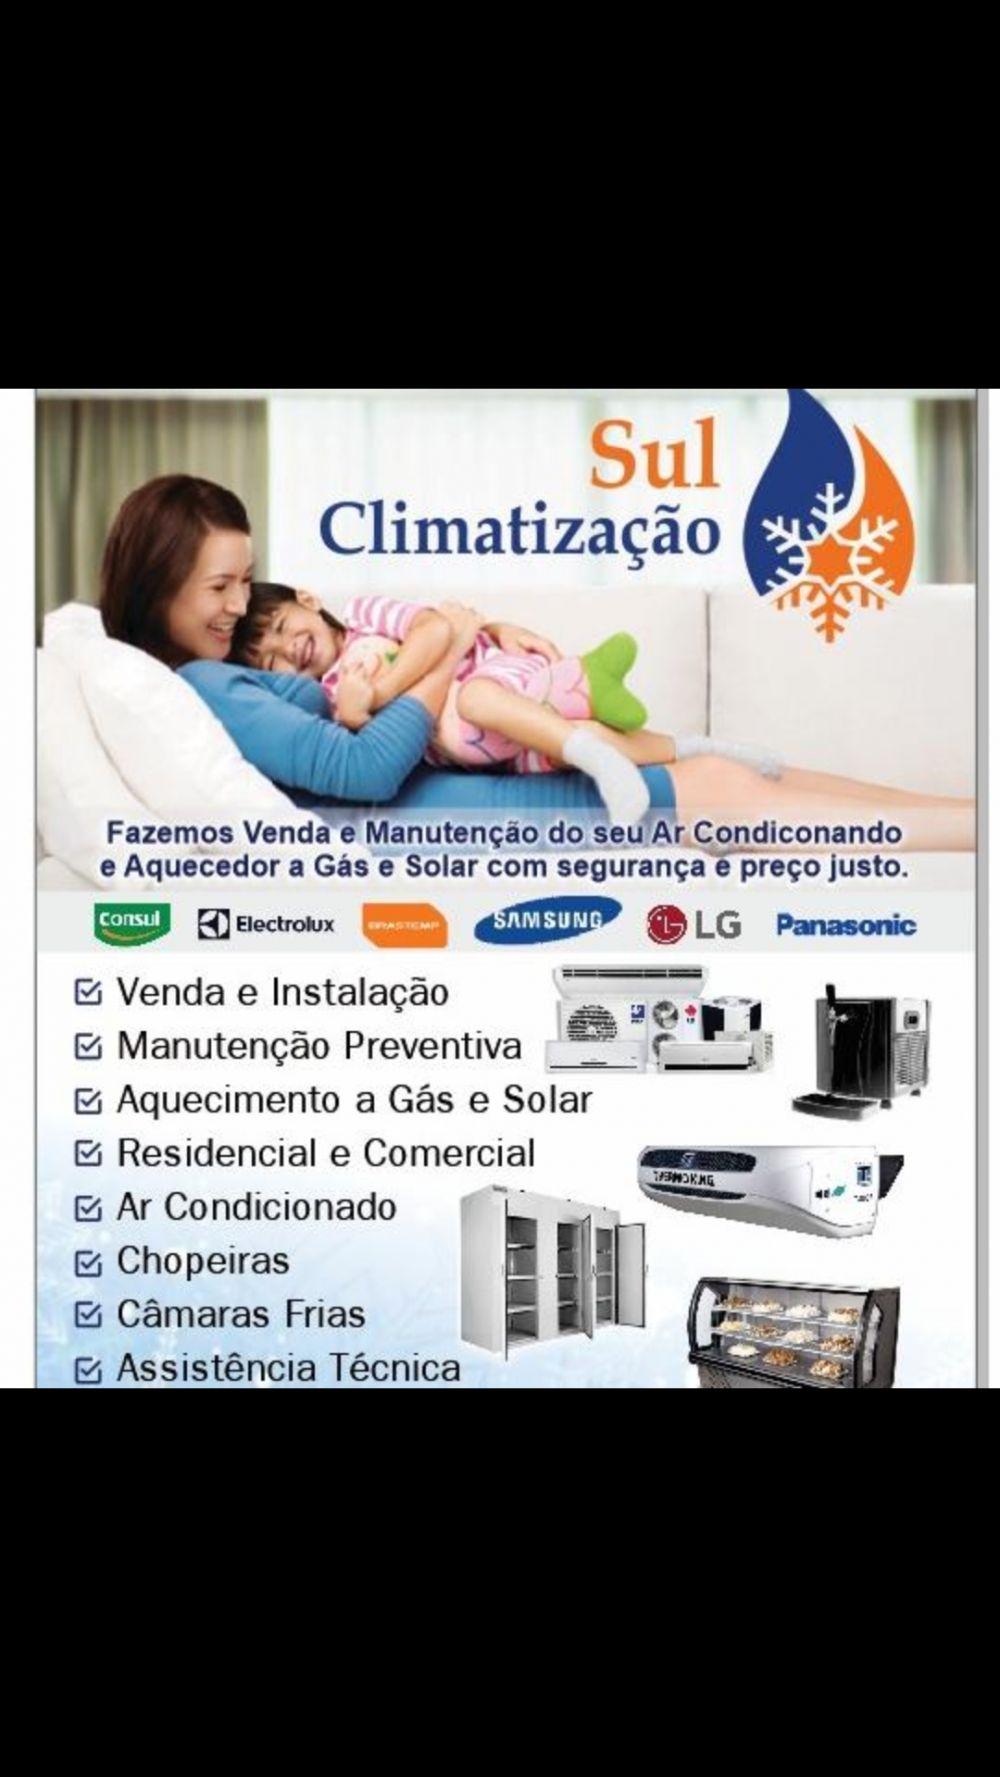 S.f da silva refrigeração e climatização